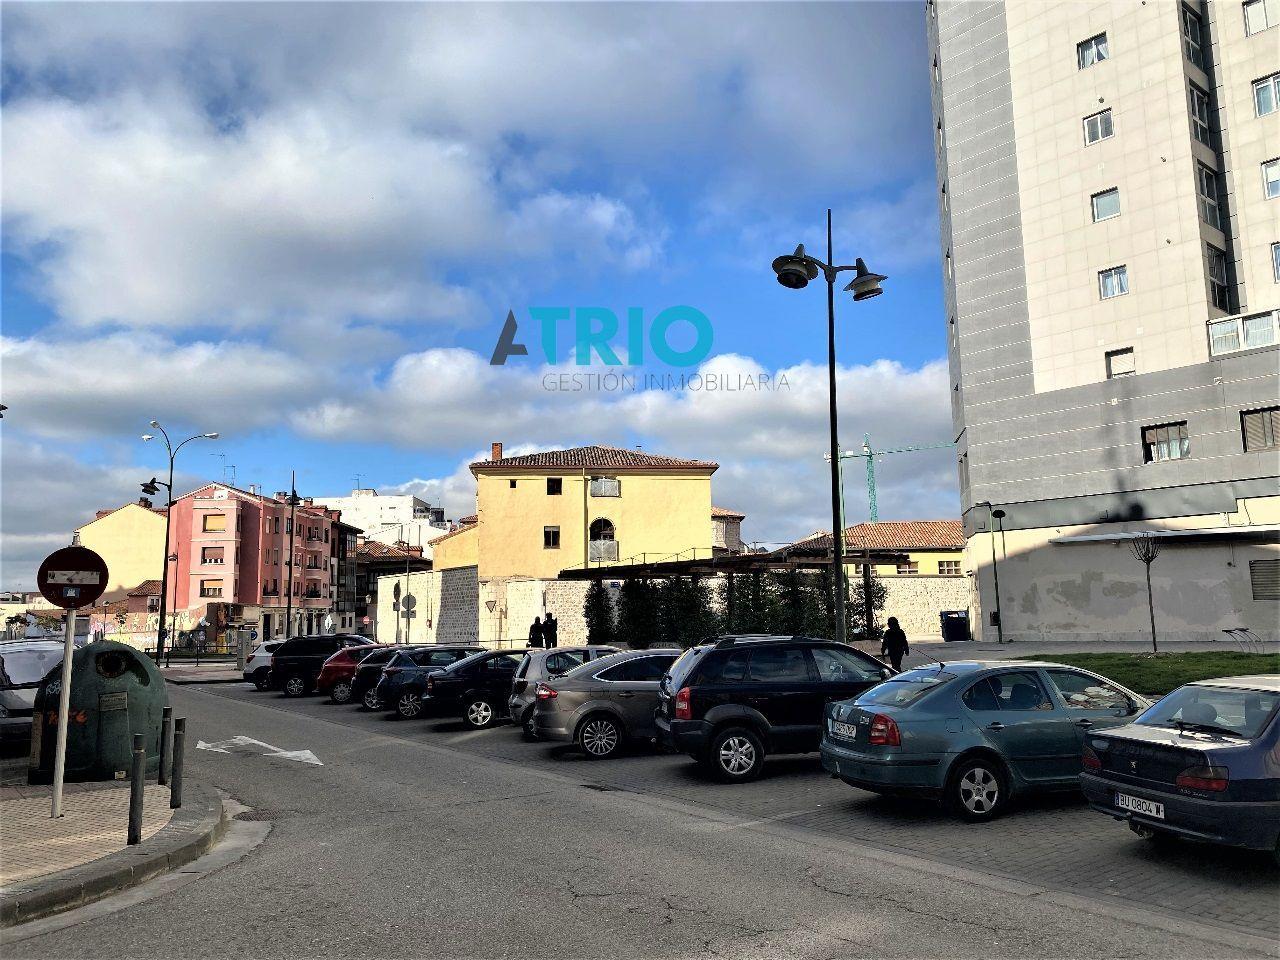 dia.mobiliagestion.es/Portals/inmoatrio/Images/6619/4172151